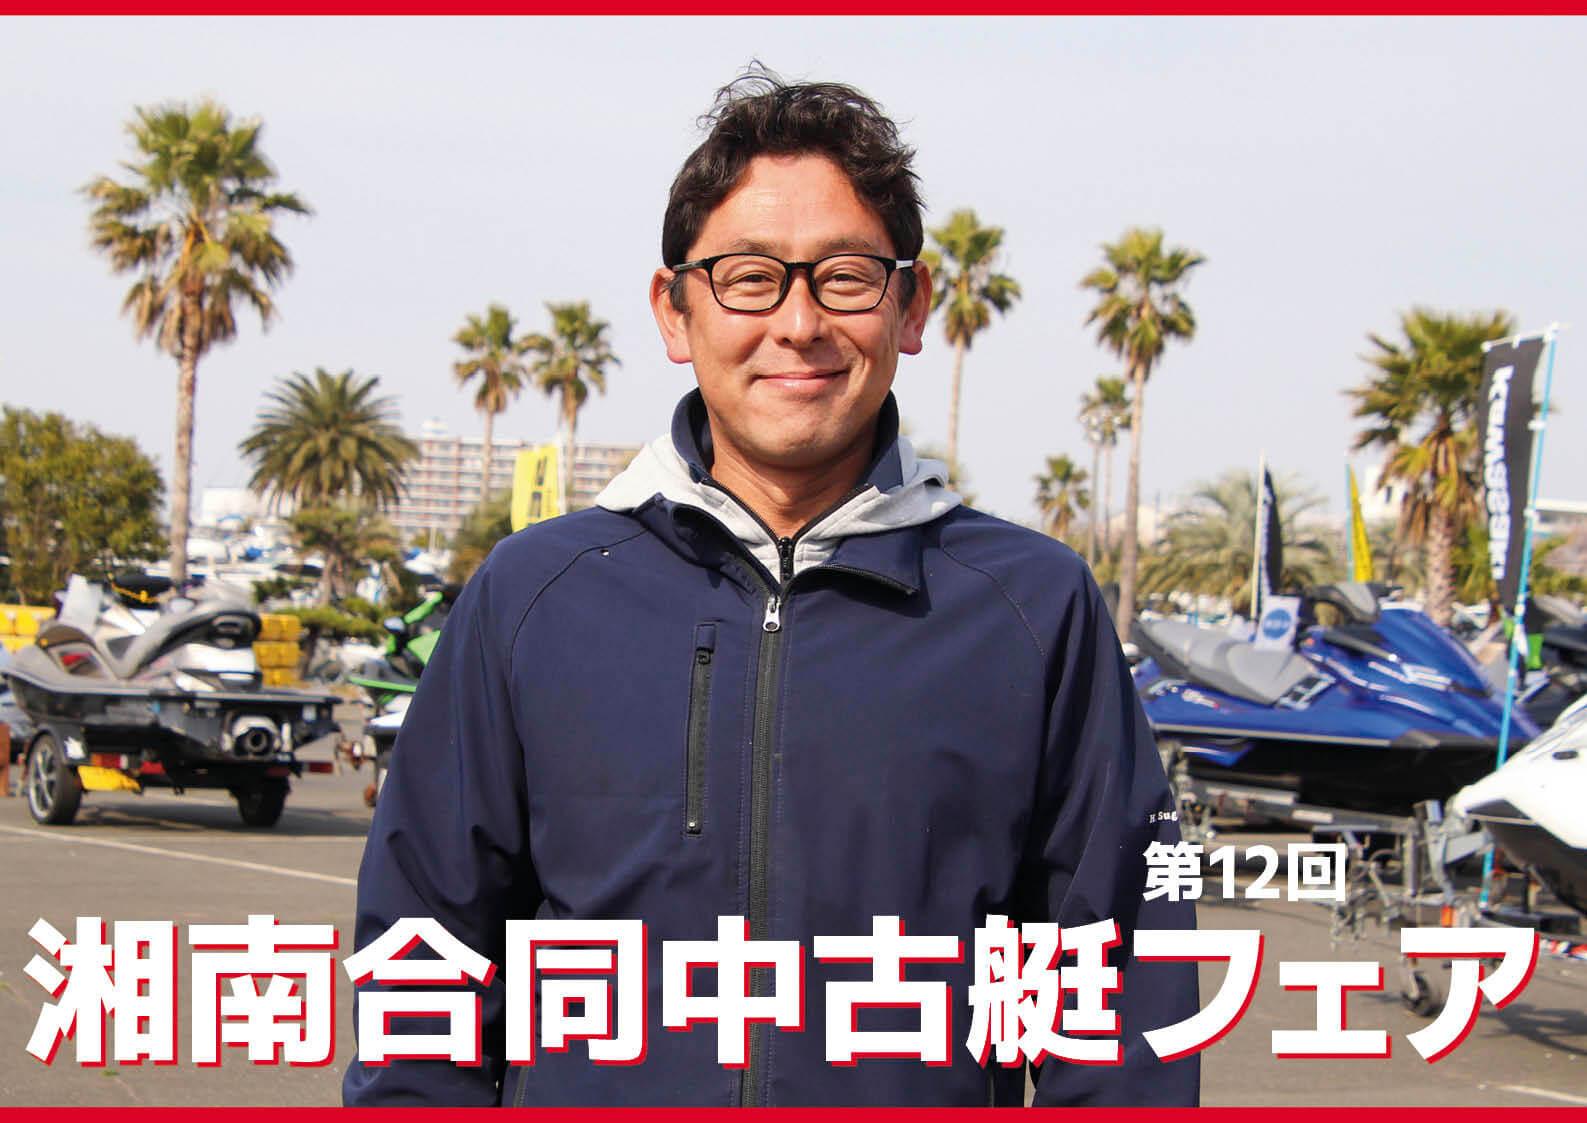 行って、見た! 大盛況の屋外イベント 第12回 湘南合同中古艇フェア 開催 (水上バイク)ジェットスキー